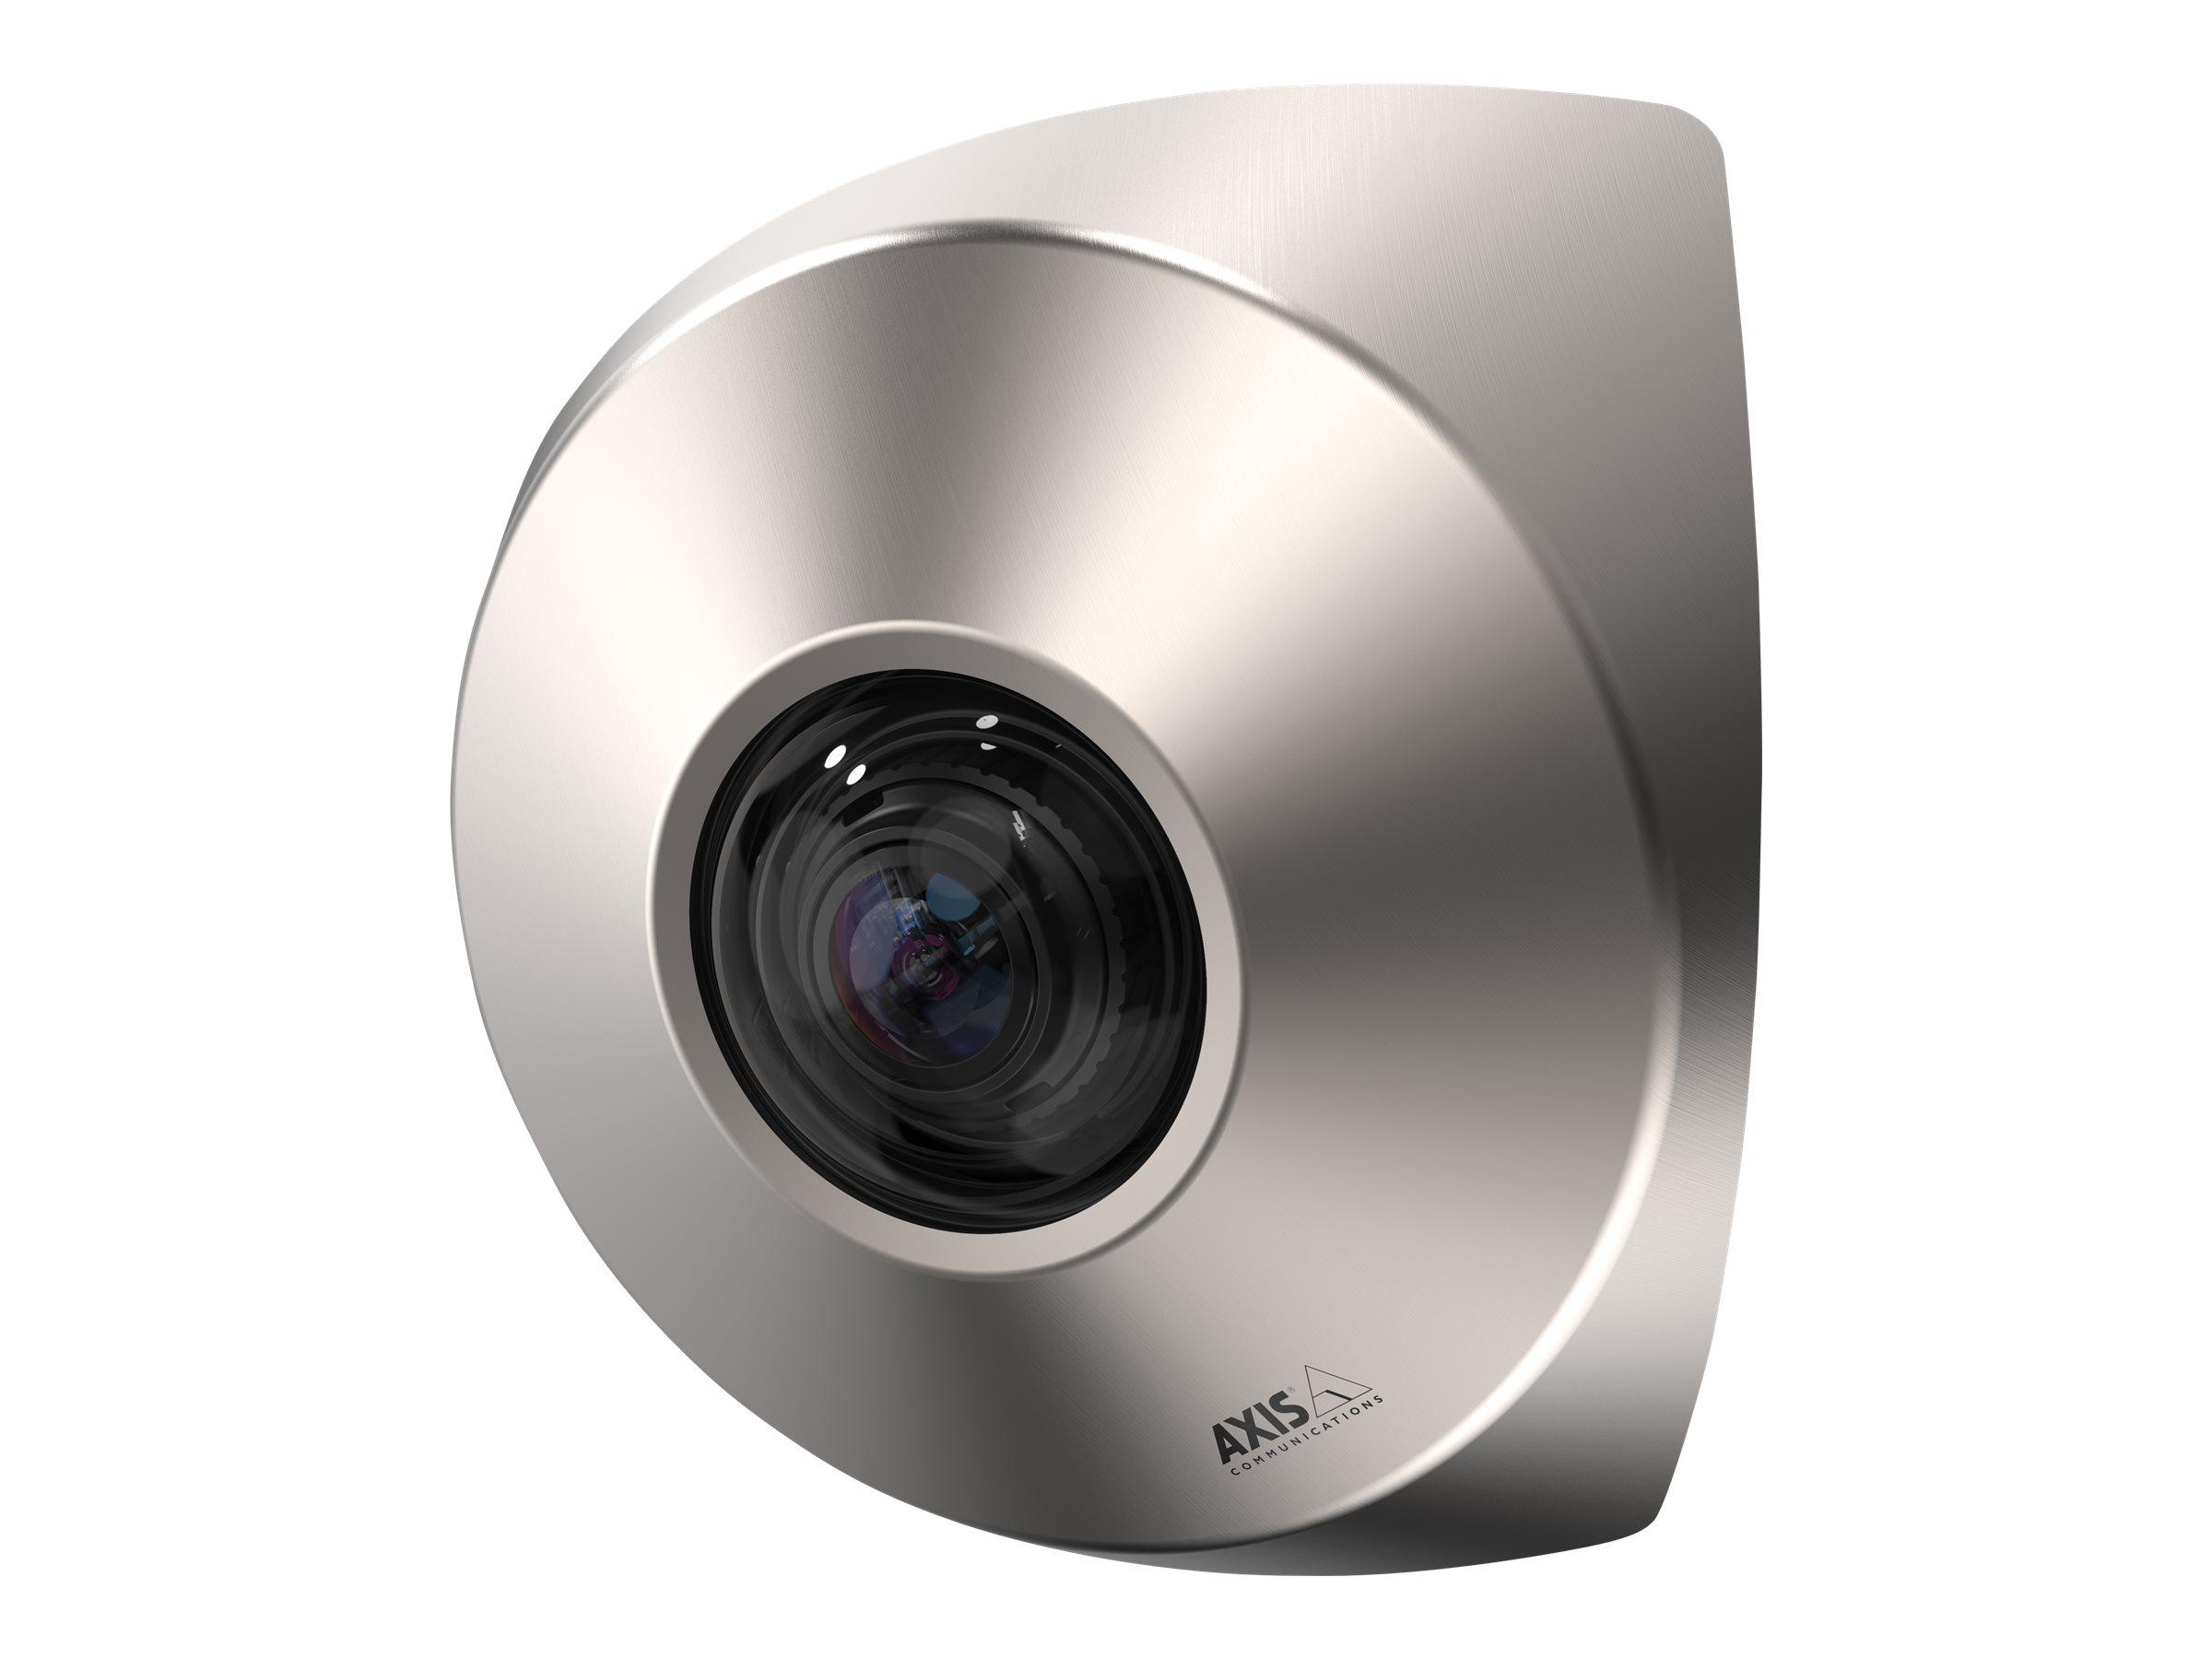 AXIS P9106-V - Netzwerk-Überwachungskamera - Farbe - 3 MP - 2016 x 1512 - M12-Anschluss